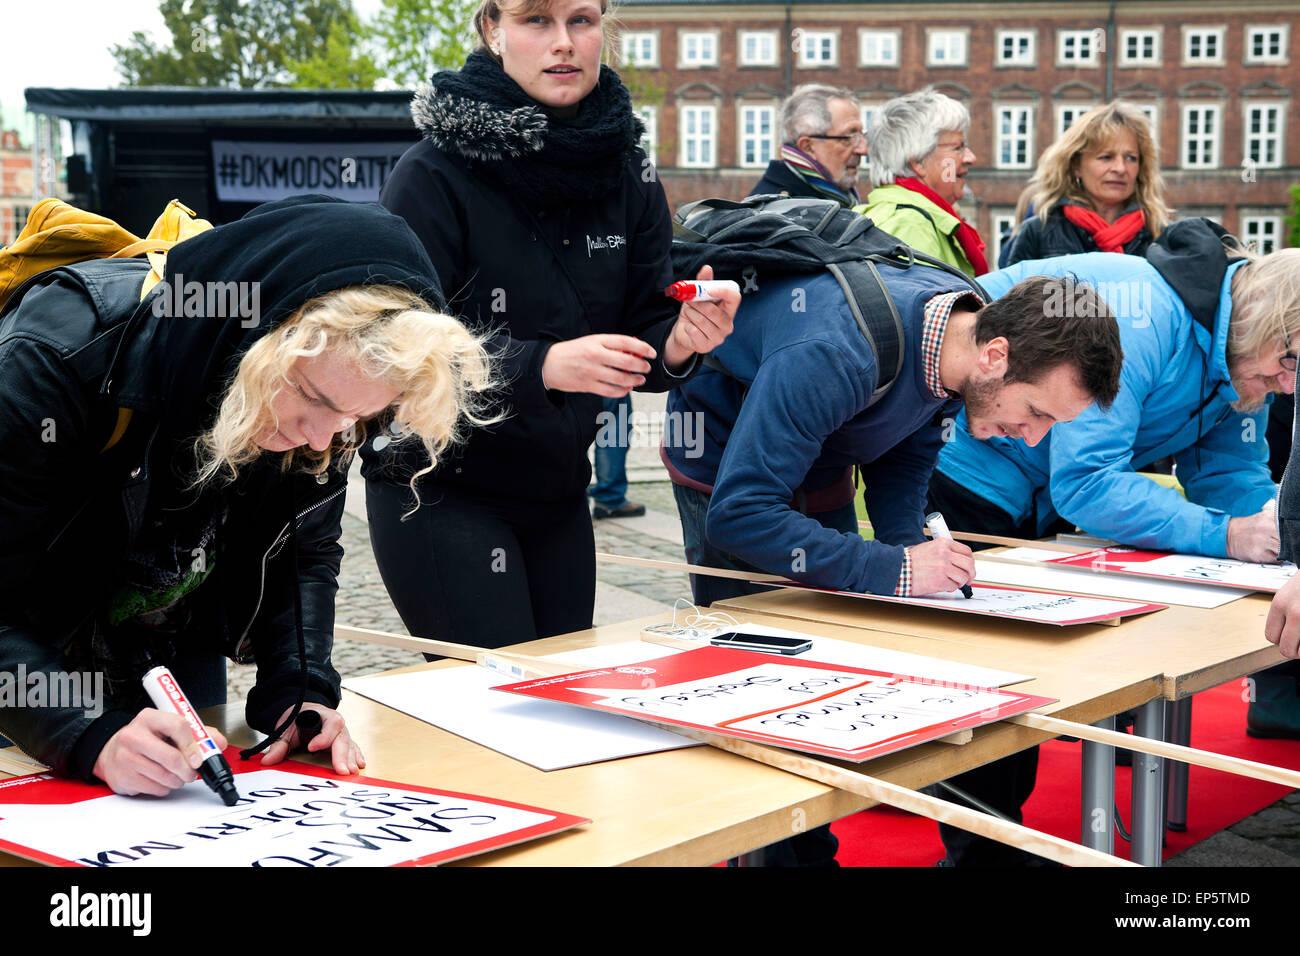 Copenhague, Dinamarca, del 13 de mayo de 2015: Manifestantes de ActionAid Dinamarca el Mitin contra la evasión Imagen De Stock